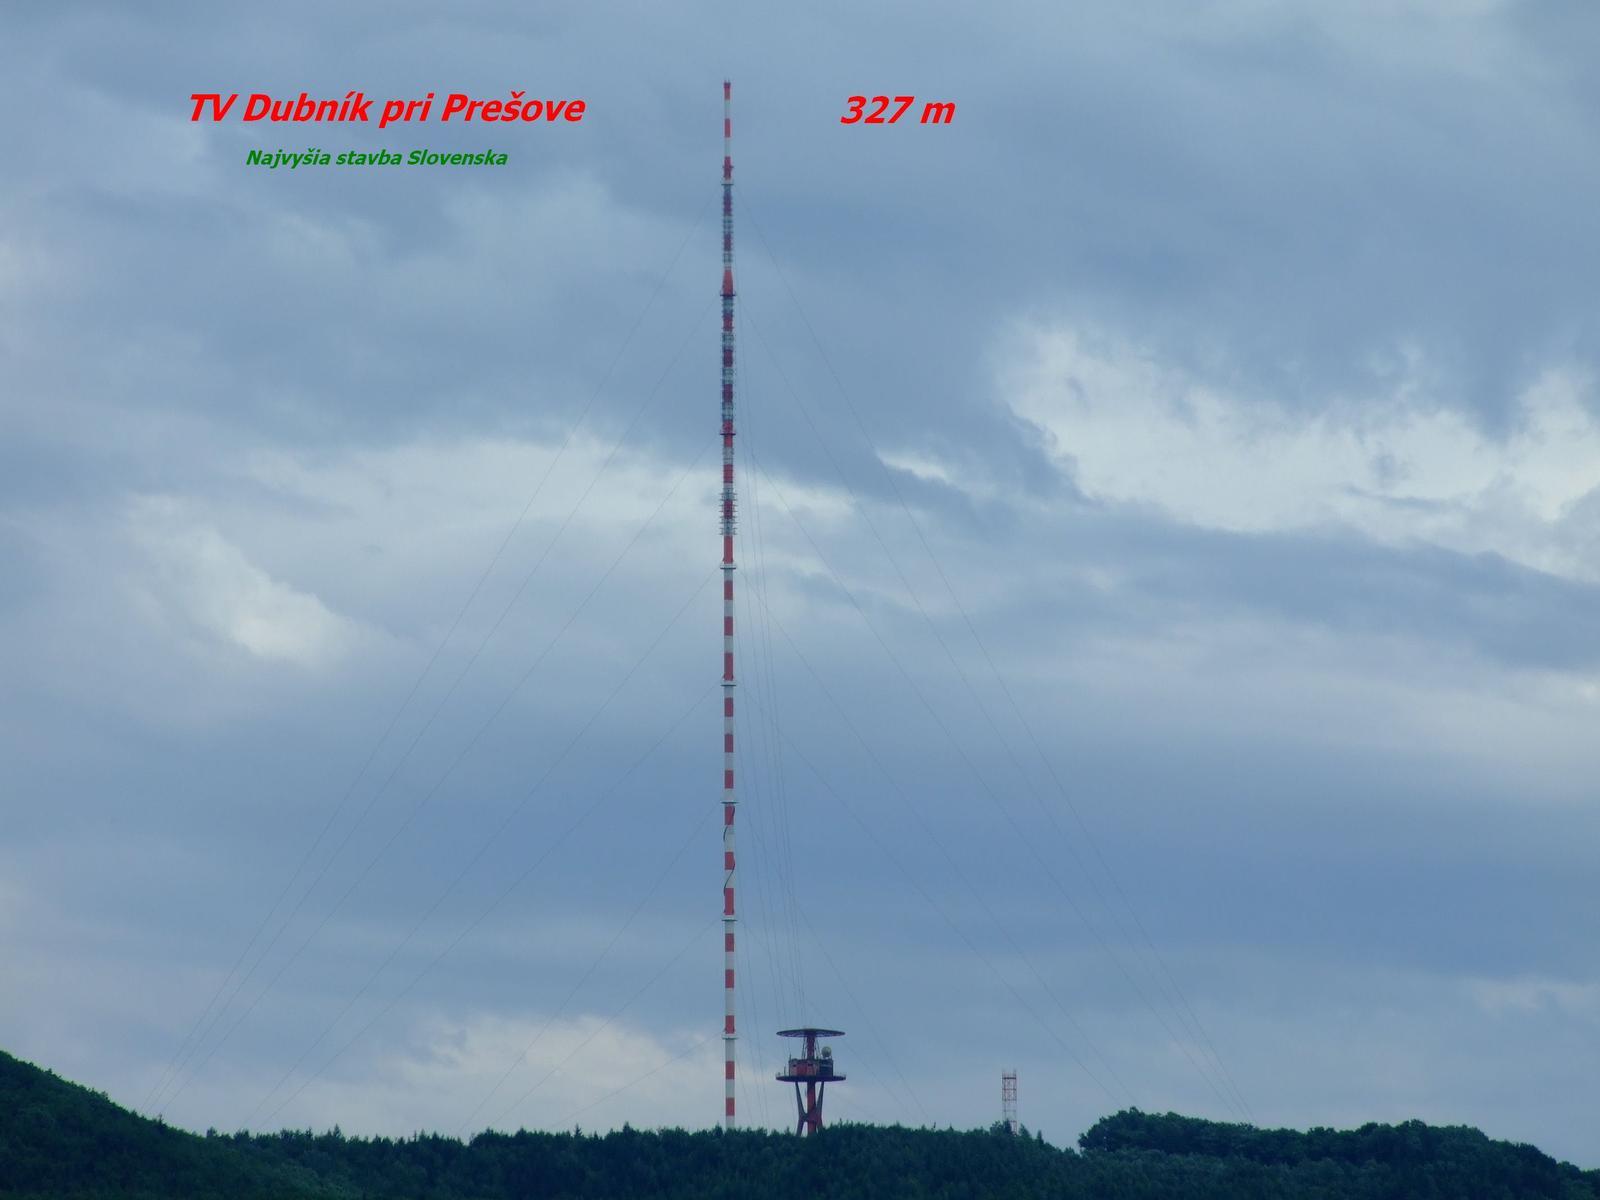 Vyšková stavba 327 m - Obrázok č. 1